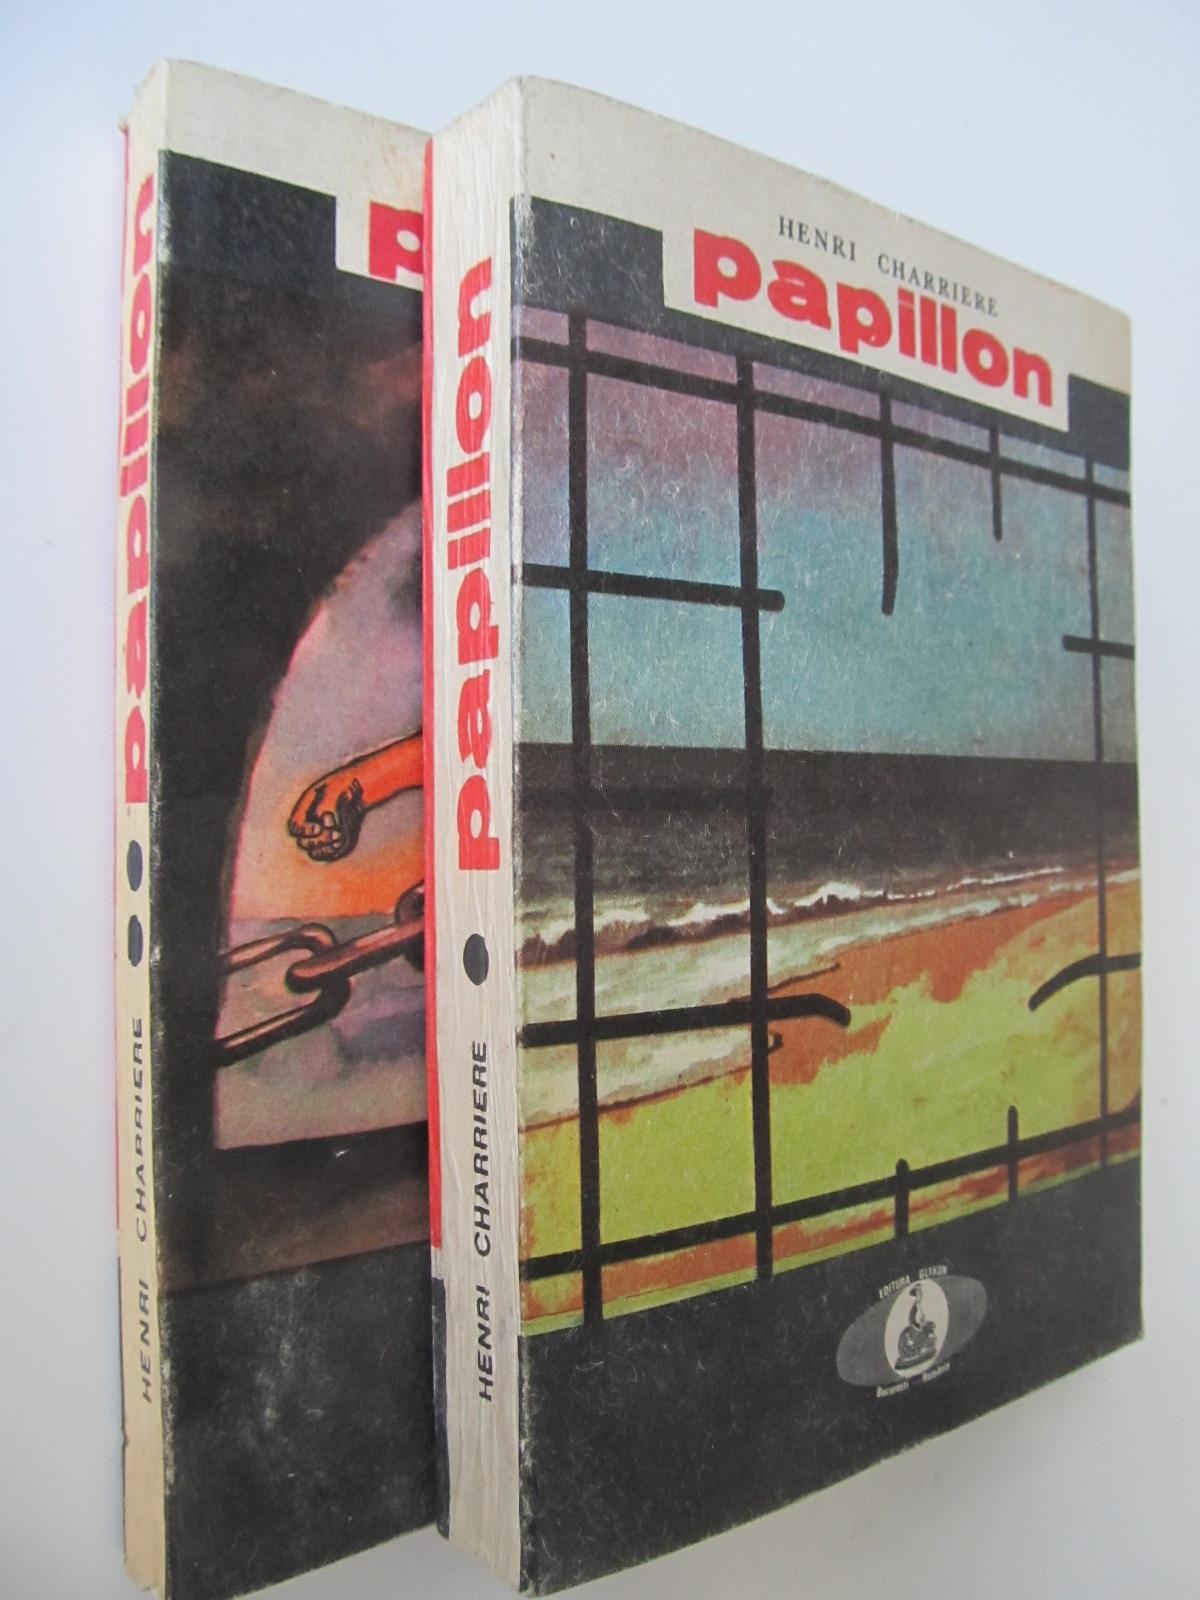 Papillon (2 vol.) - Henri Charriere | Detalii carte